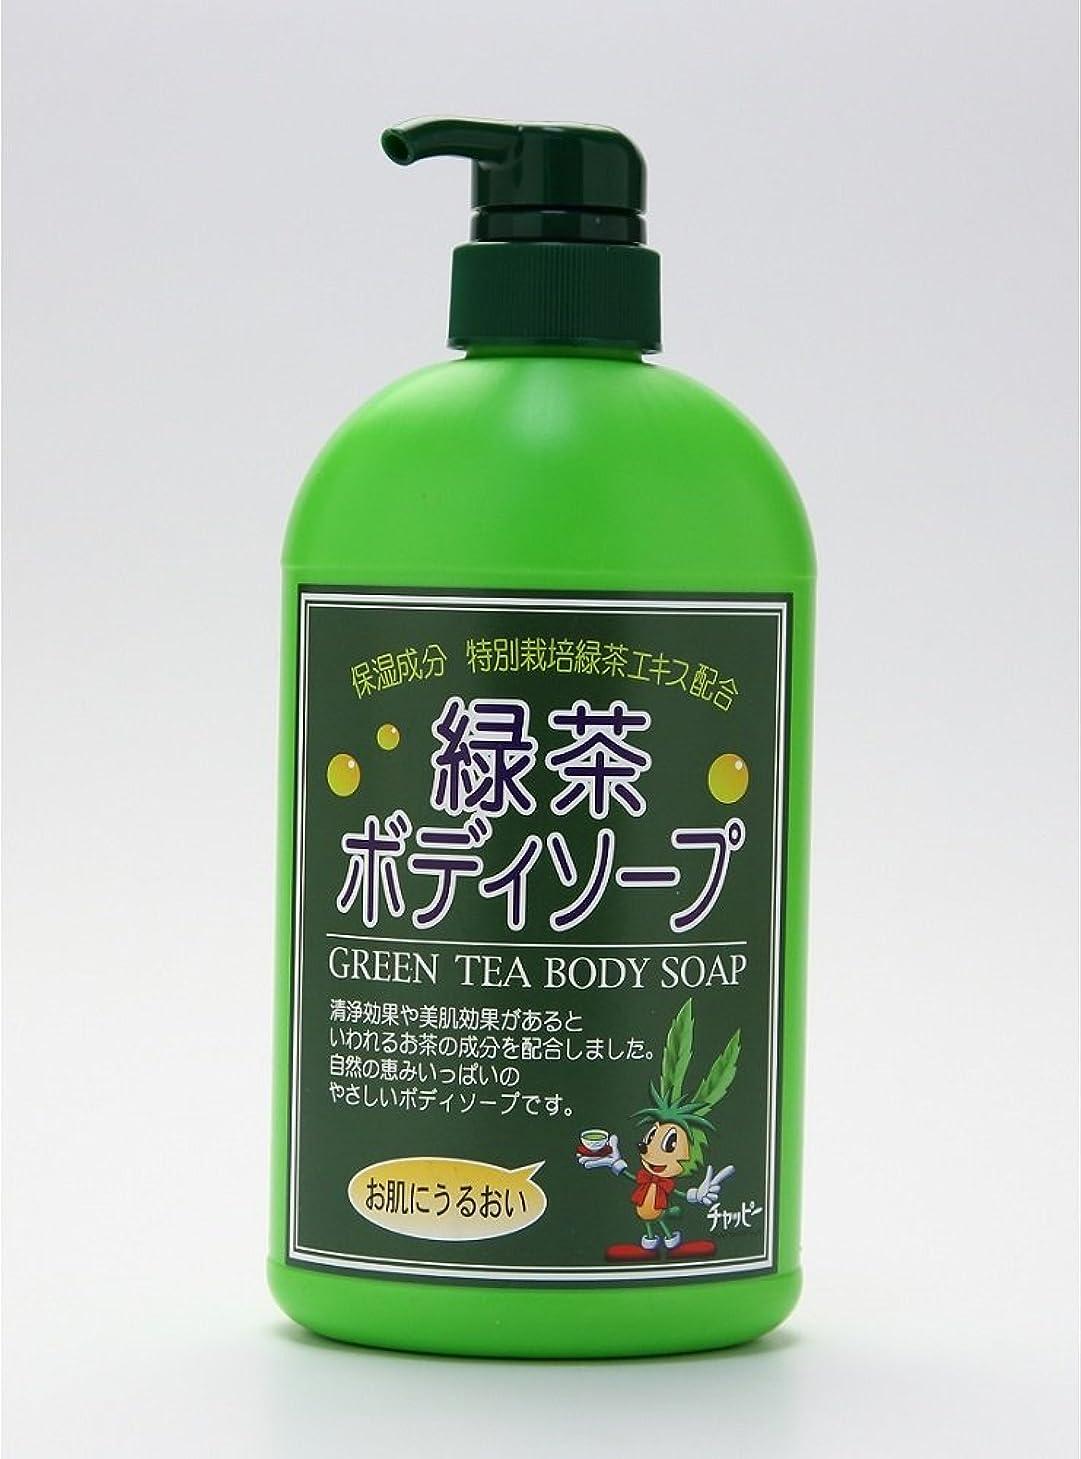 ただ醸造所独裁者緑茶ボディーソープ 550ml